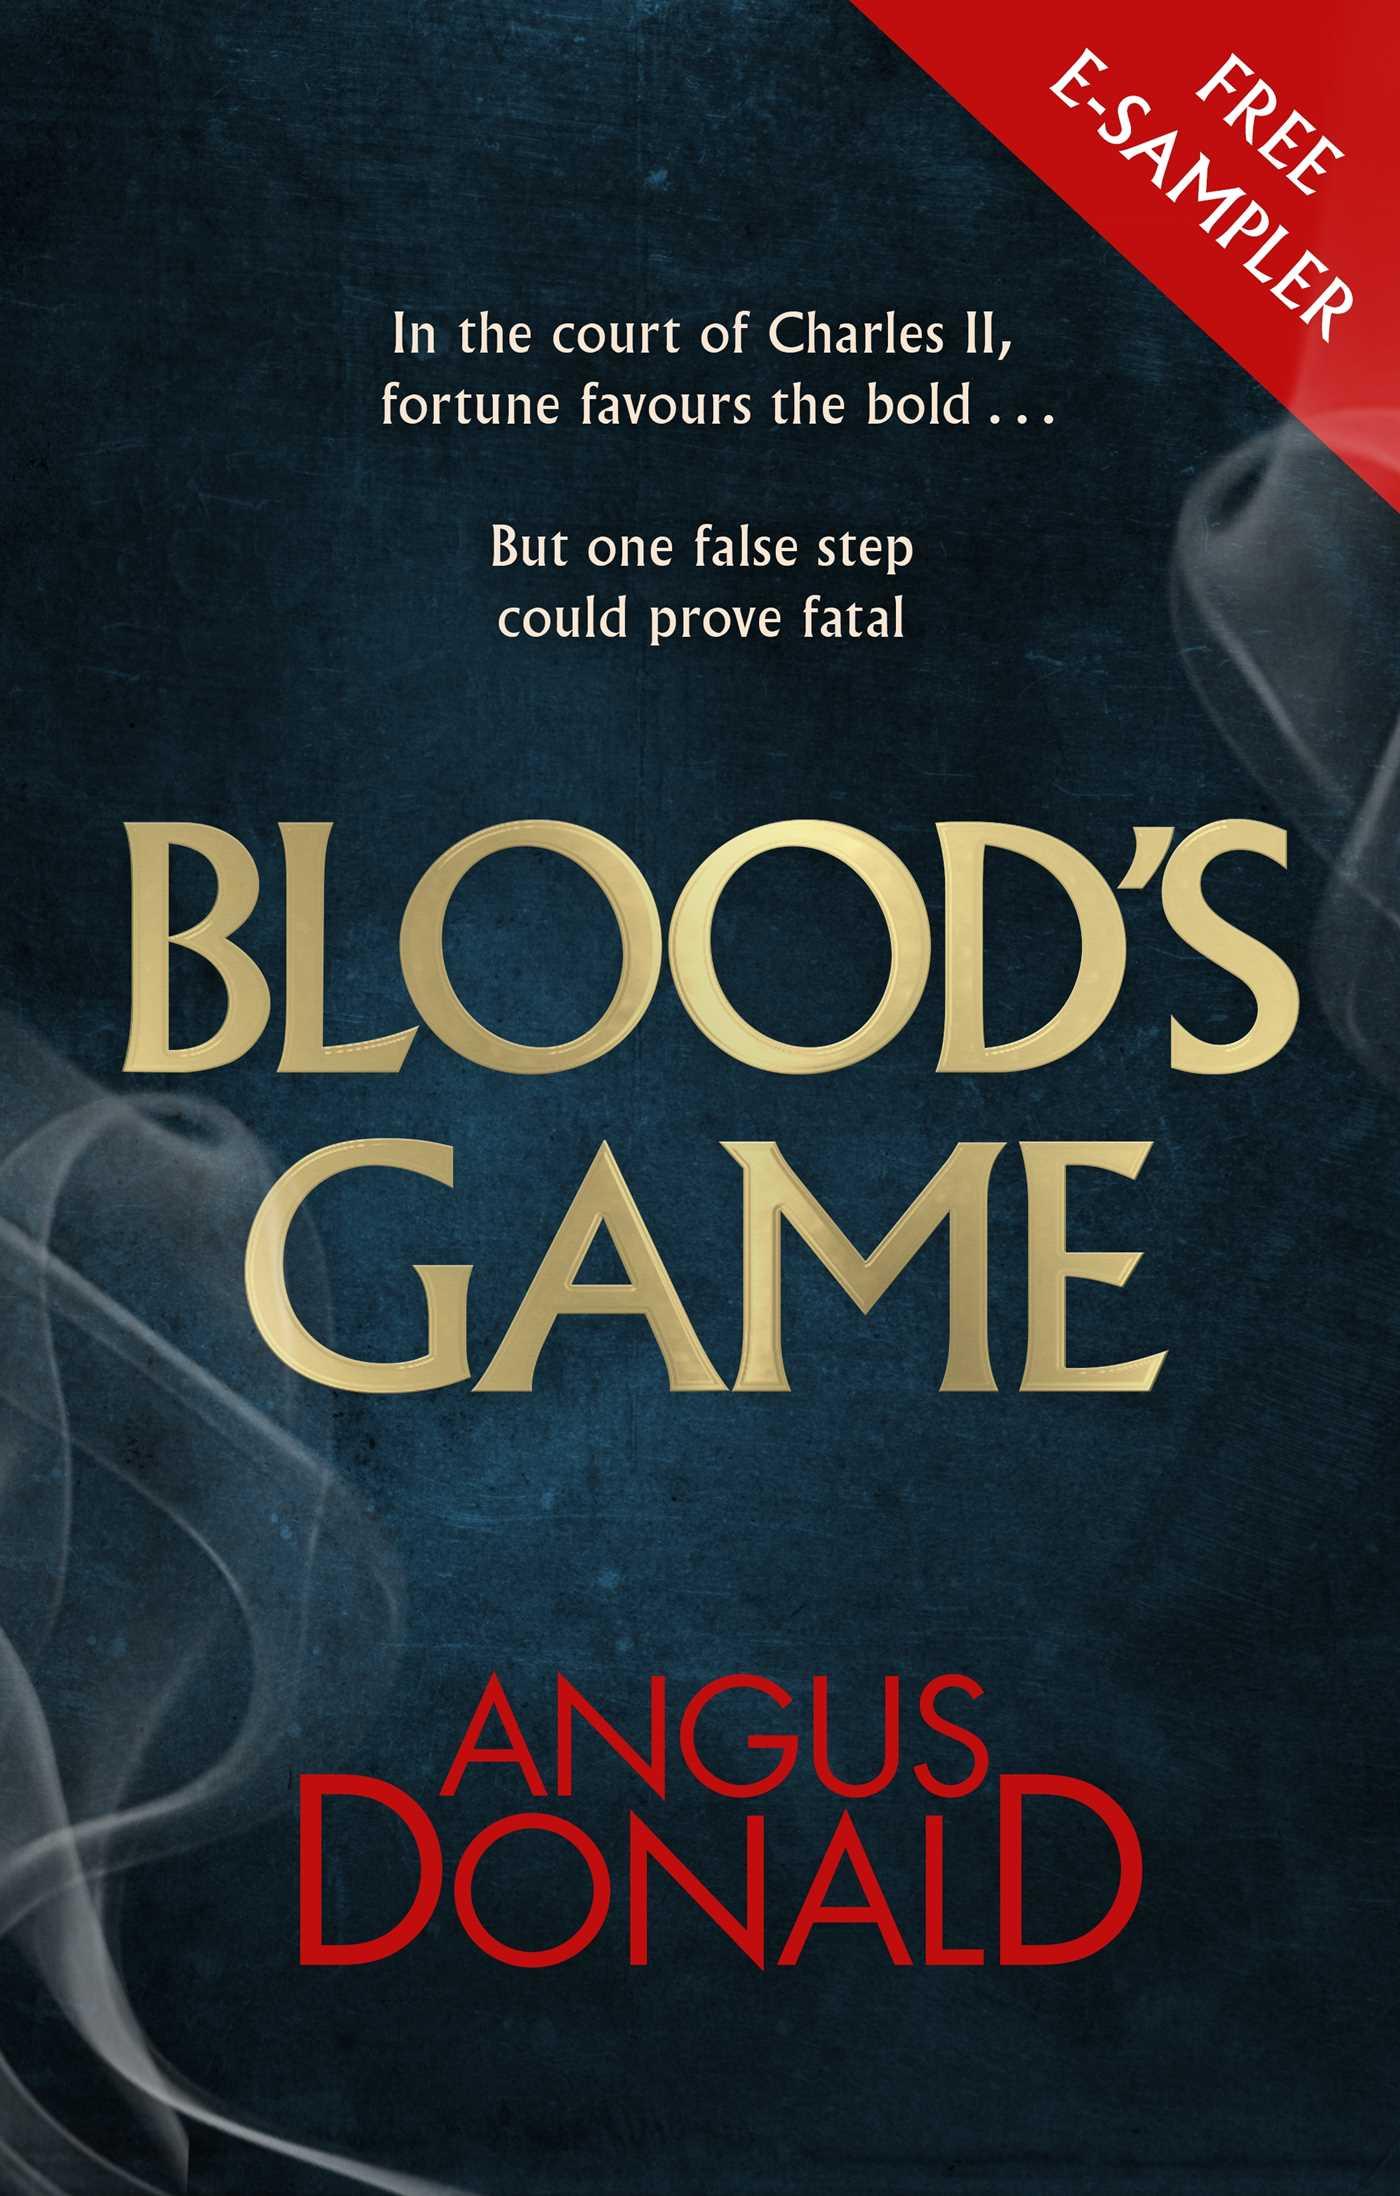 Bloods game 9781499861716 hr